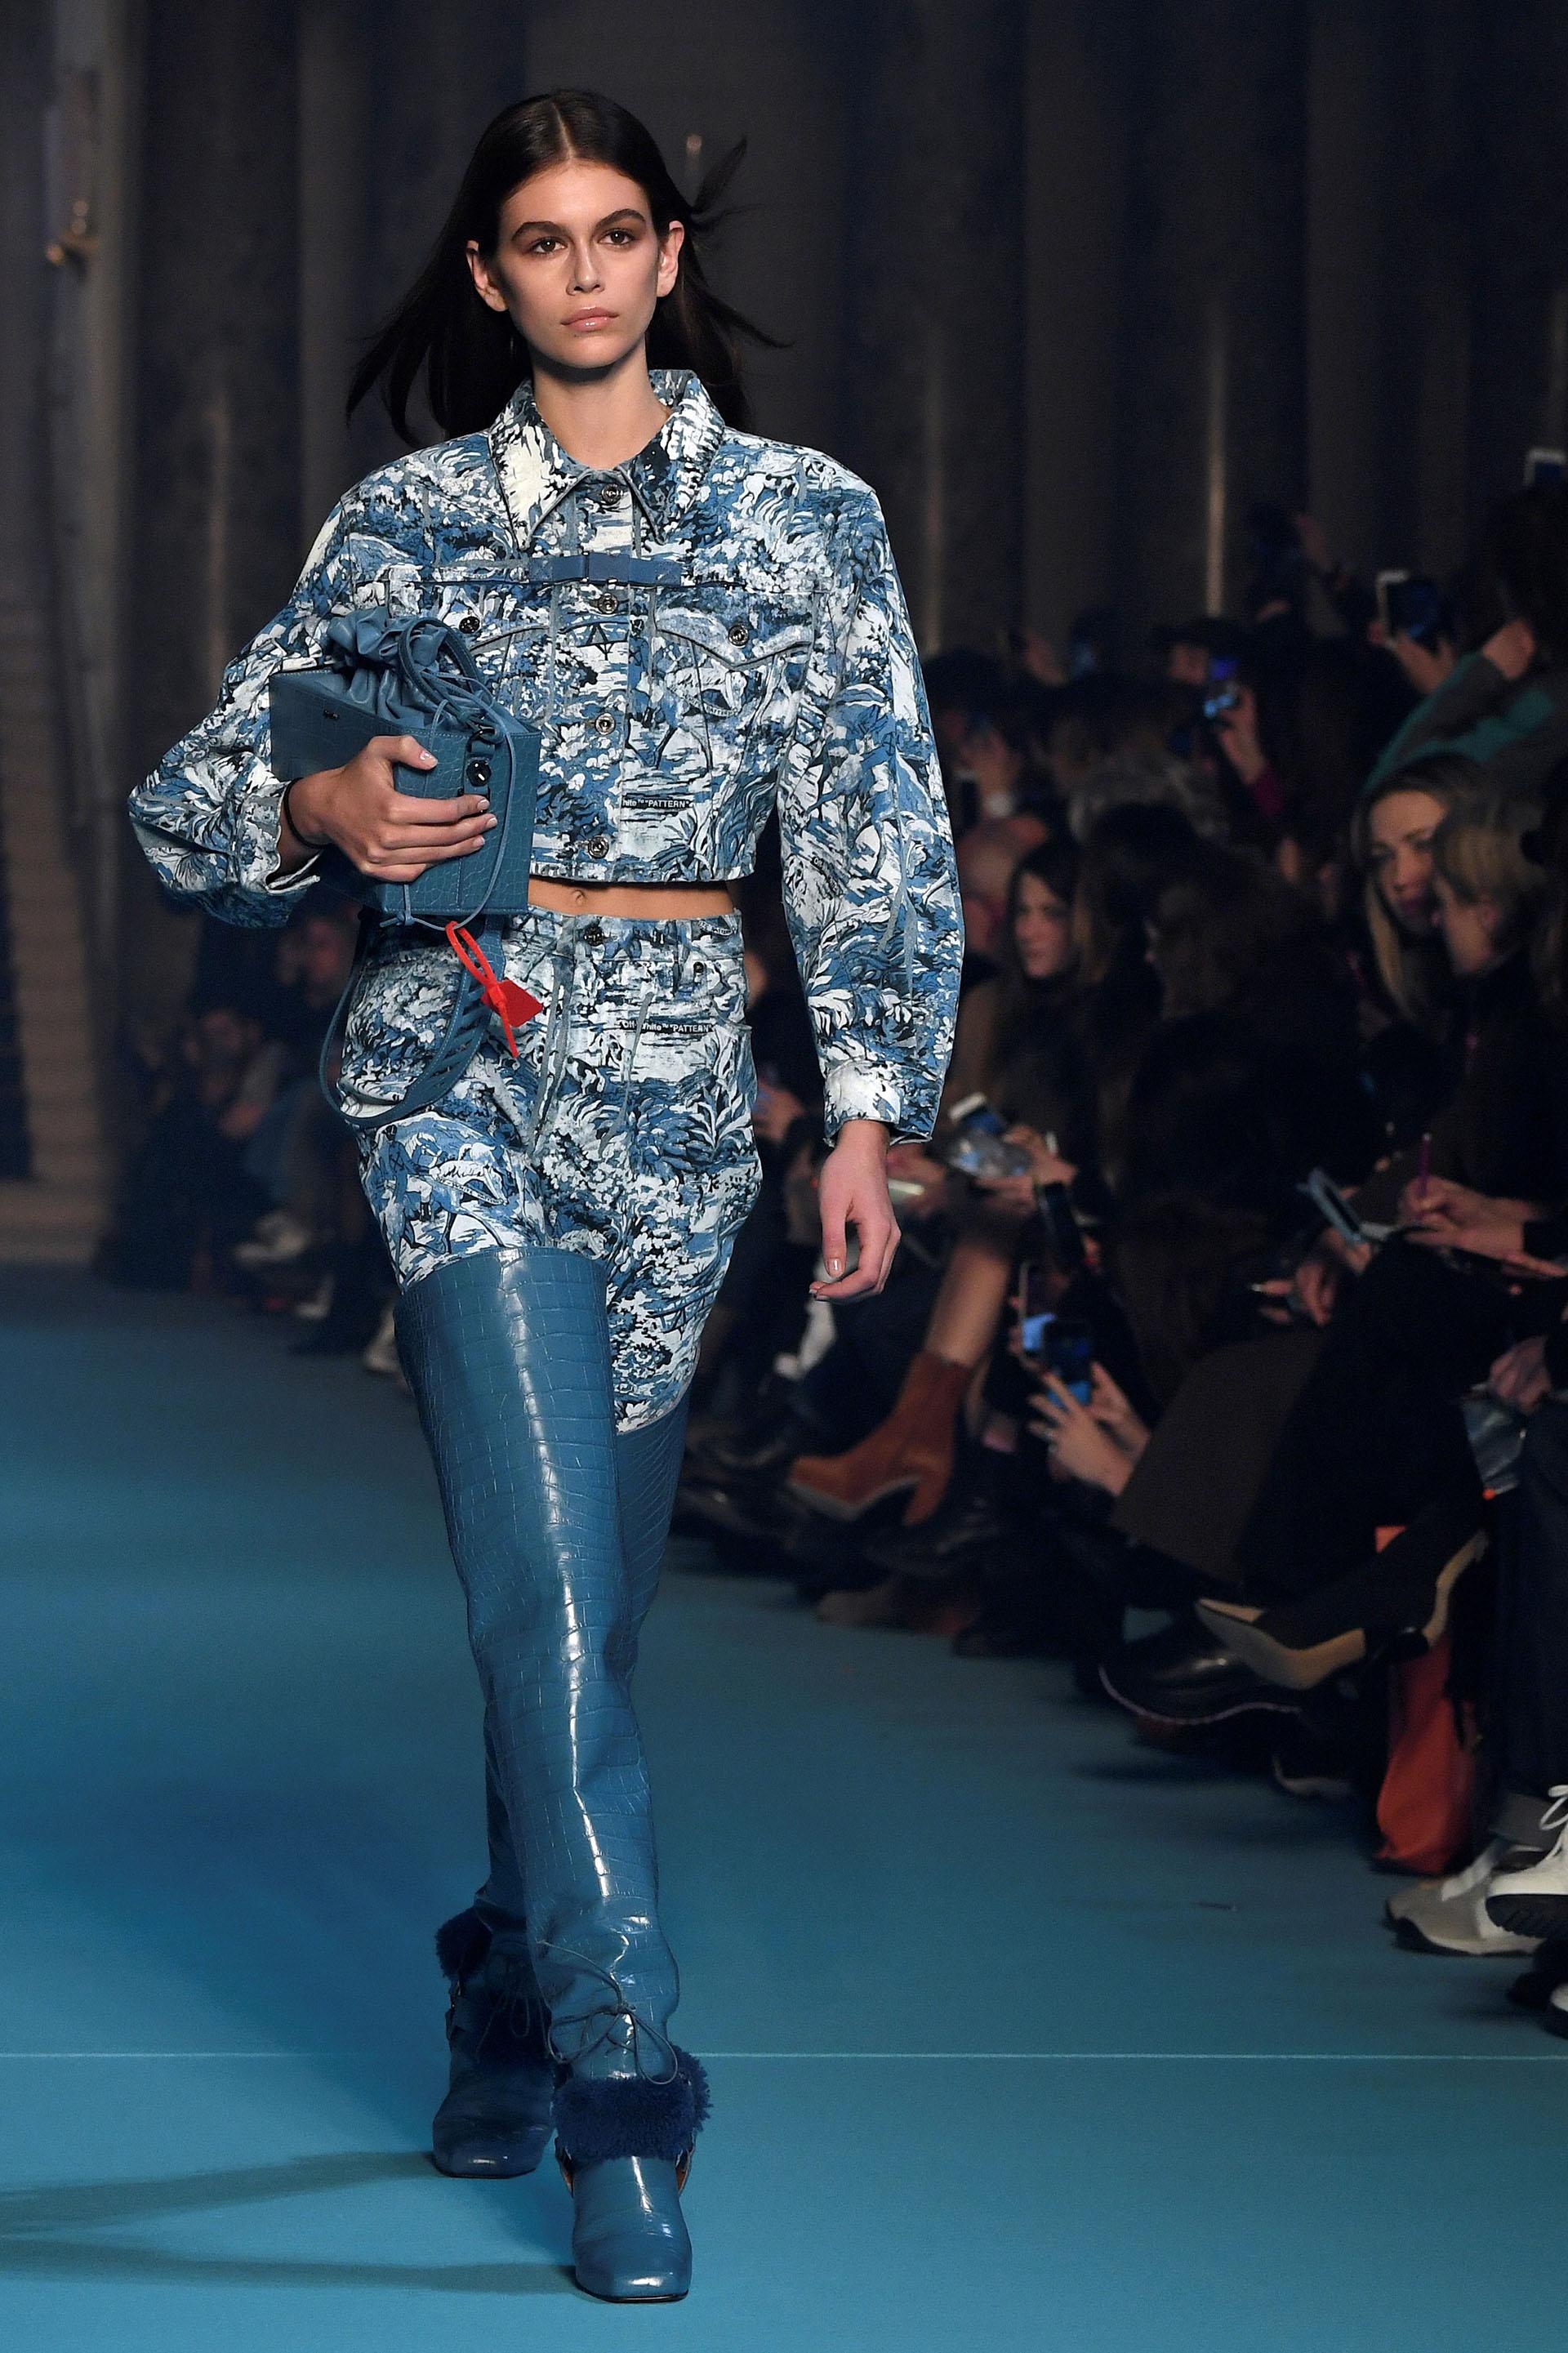 La hija de la top Cindy Crawford y Rande Gerber – Kaia Gerber- es la nueva sensanción de la moda. Elegida por los referentes de la industria